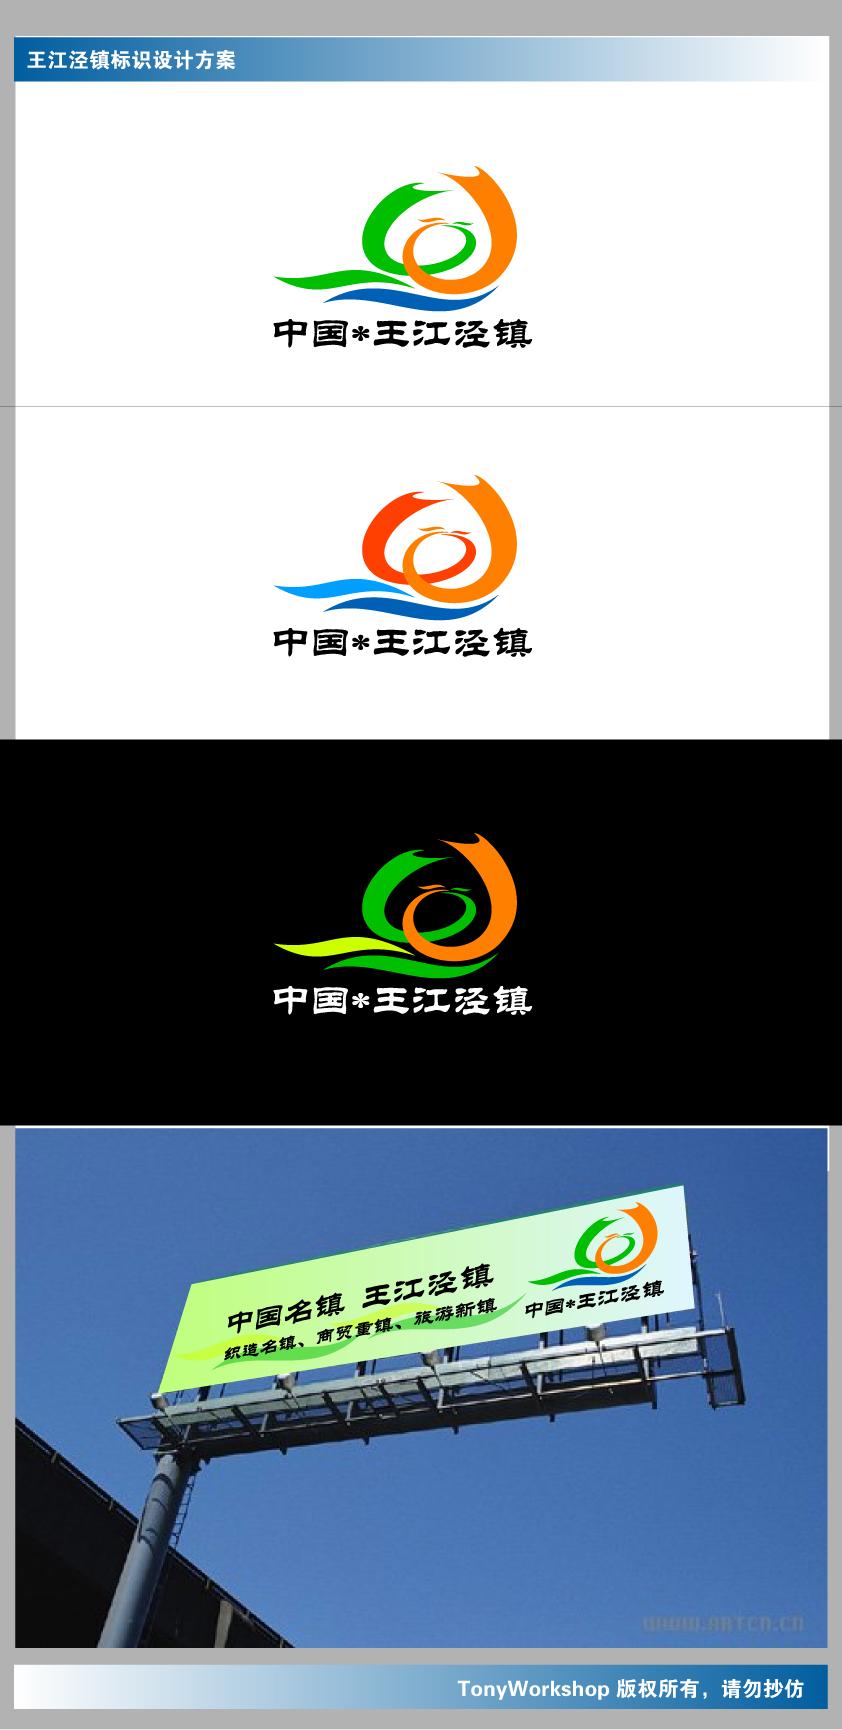 集王江泾镇形象标志 LOGO